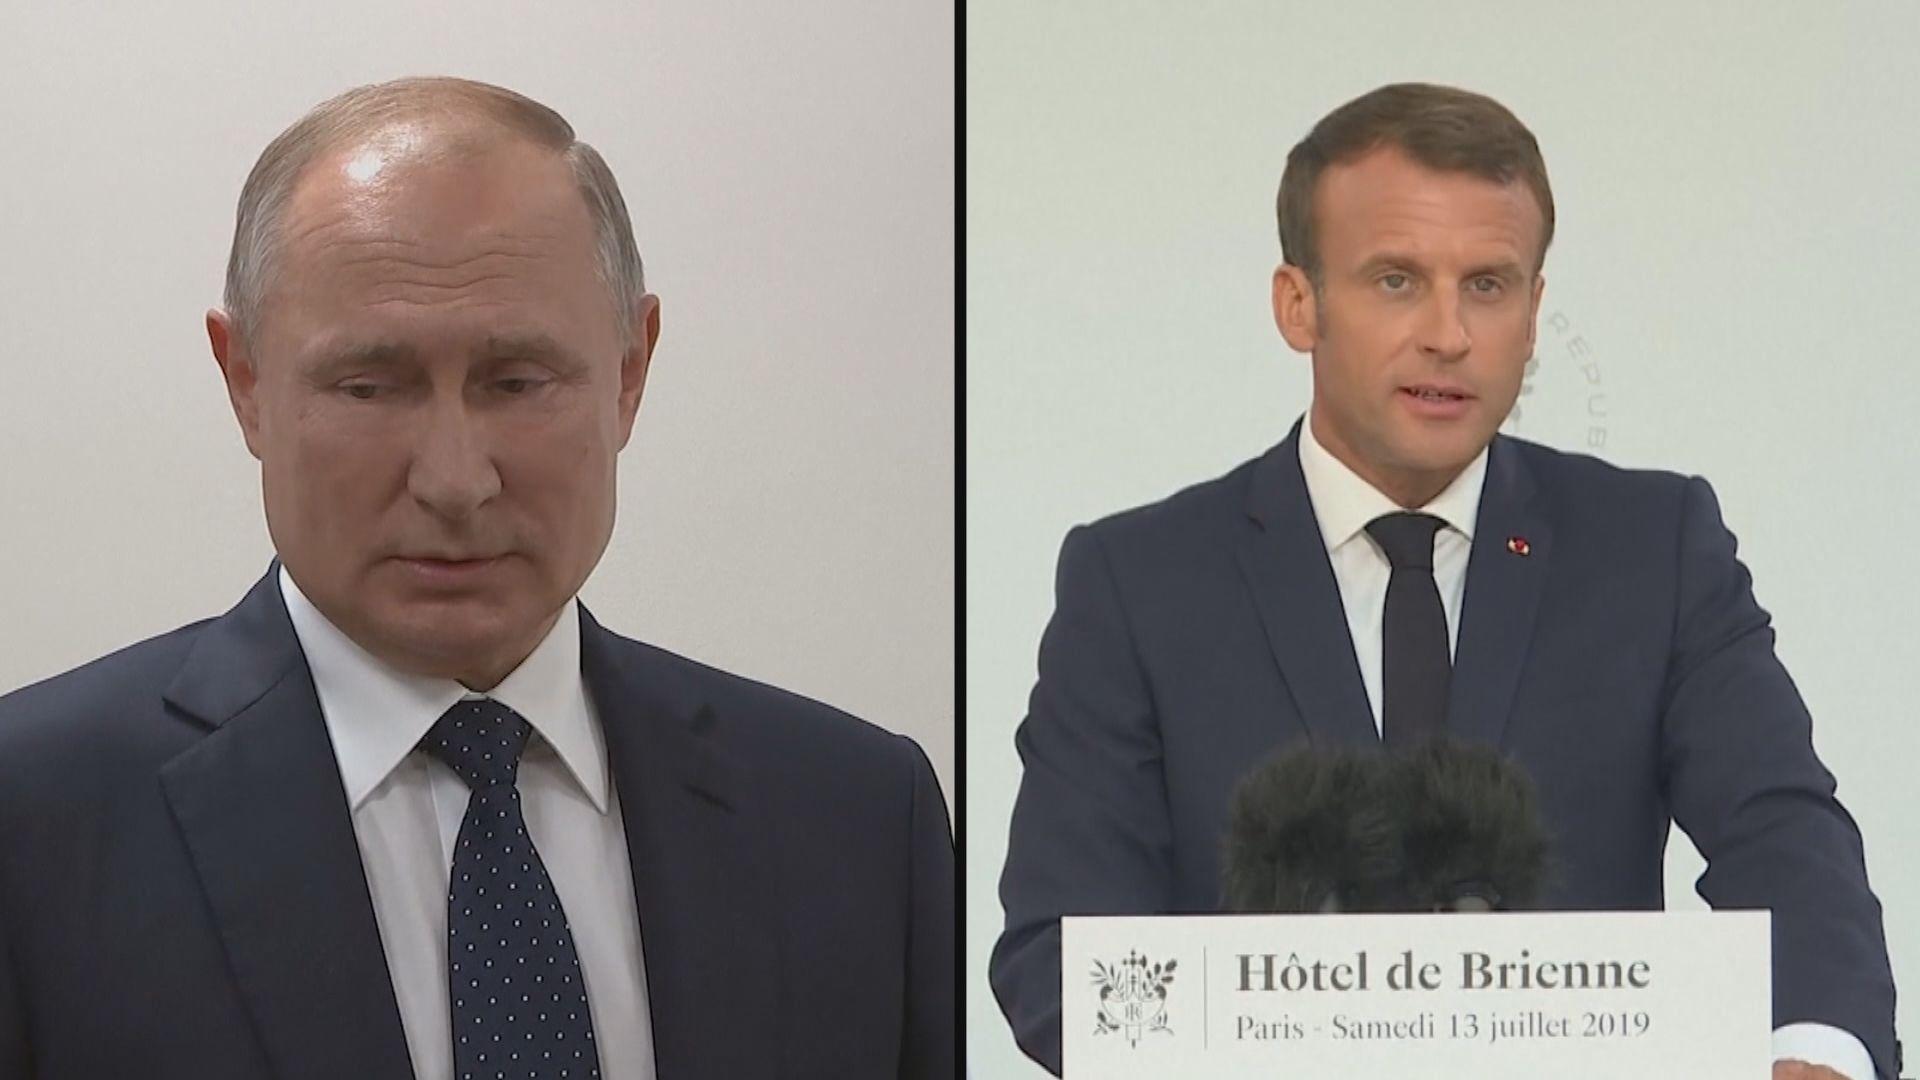 法俄領袖同意舉行四國峰會結束烏東衝突